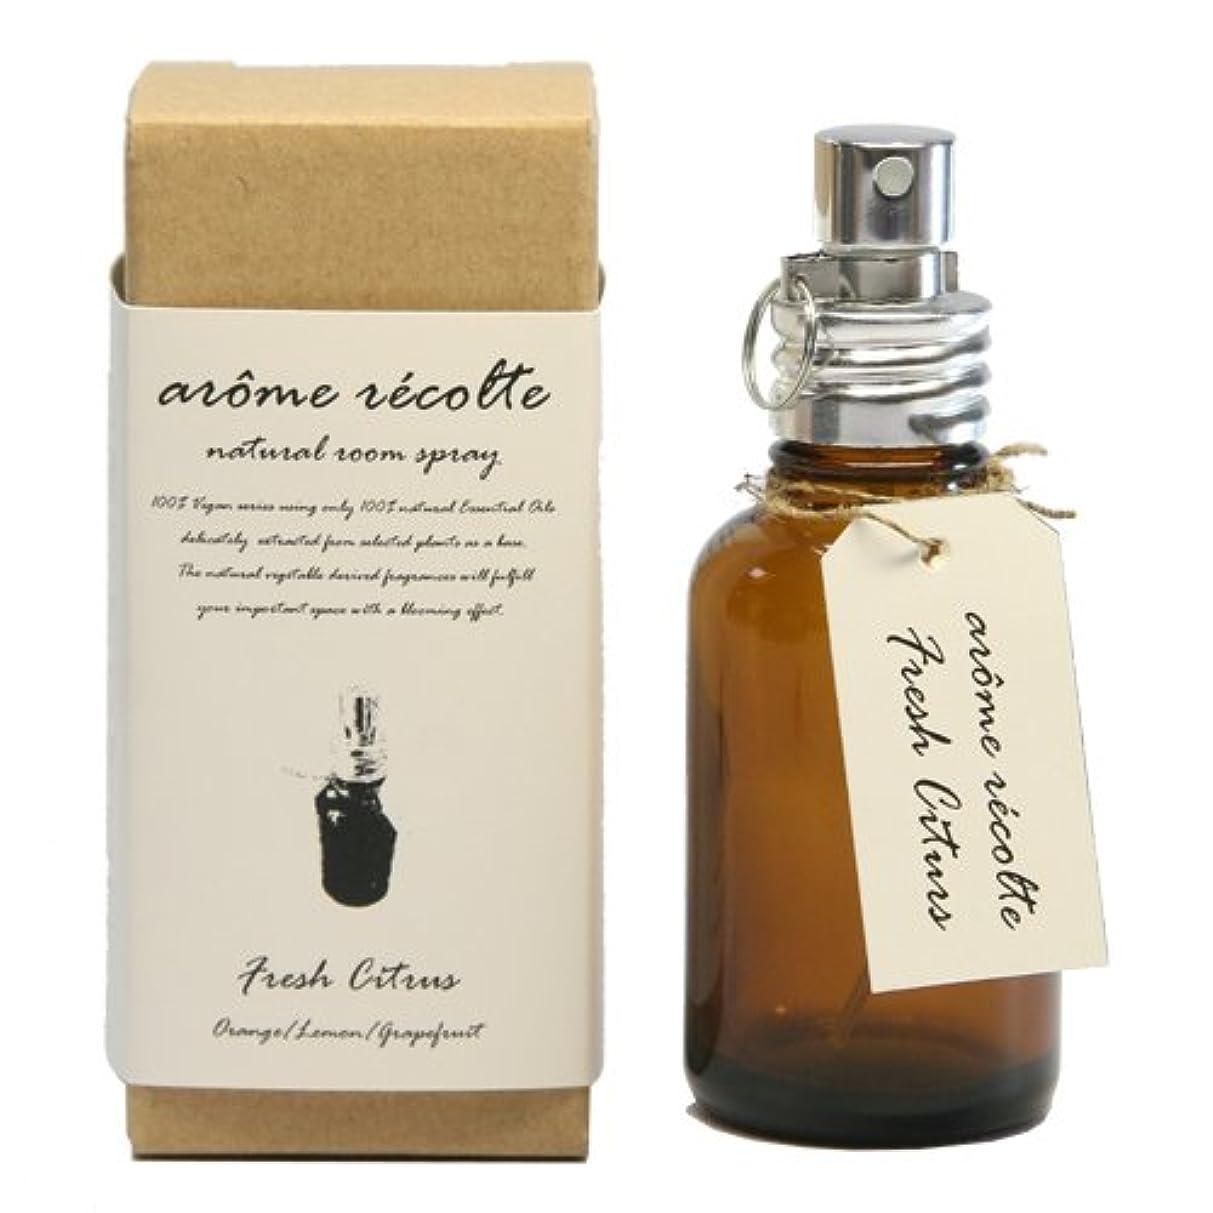 感嘆個性入場アロマレコルト ナチュラルルームスプレー  フレッシュシトラス【Fresh Citurs】 arome rcolte